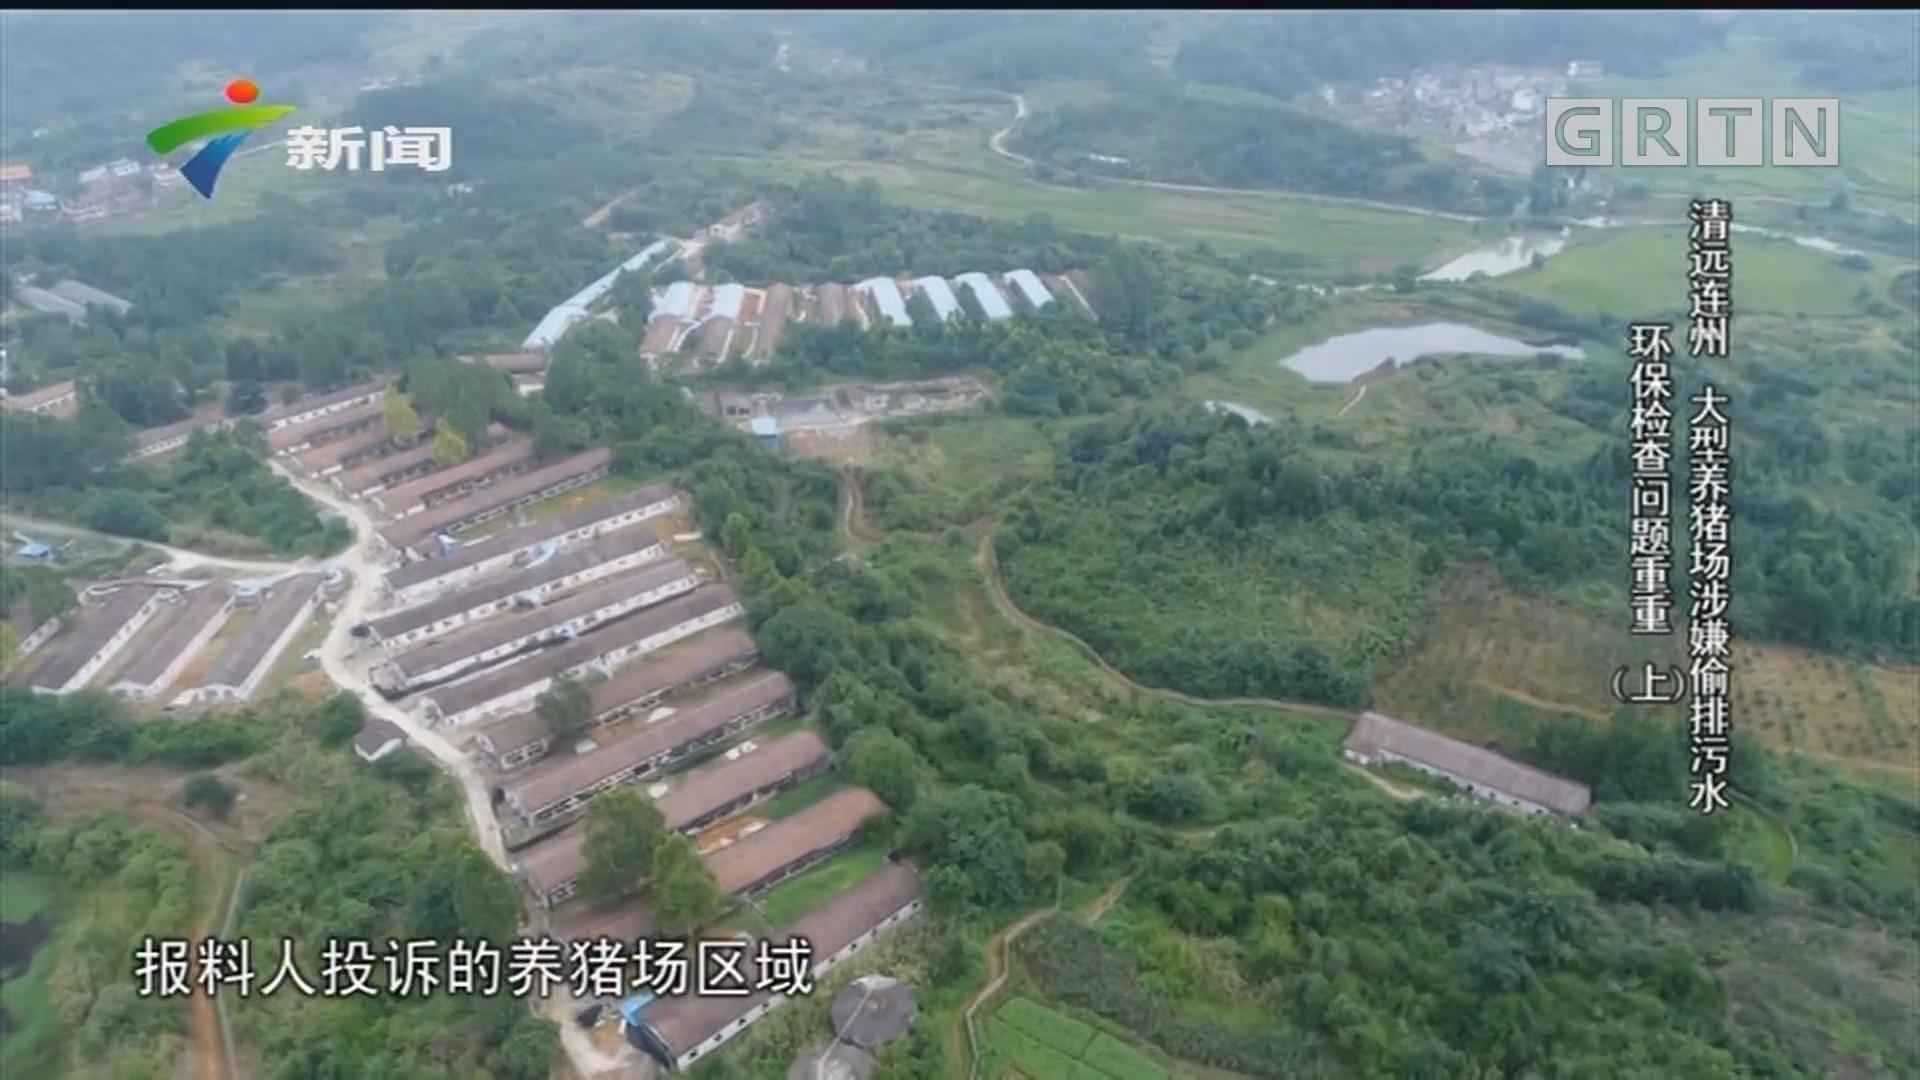 [HD][2019-07-15]社會縱橫:清遠連州 大型養豬場涉嫌偷排污水 環保檢查問題重重(上)